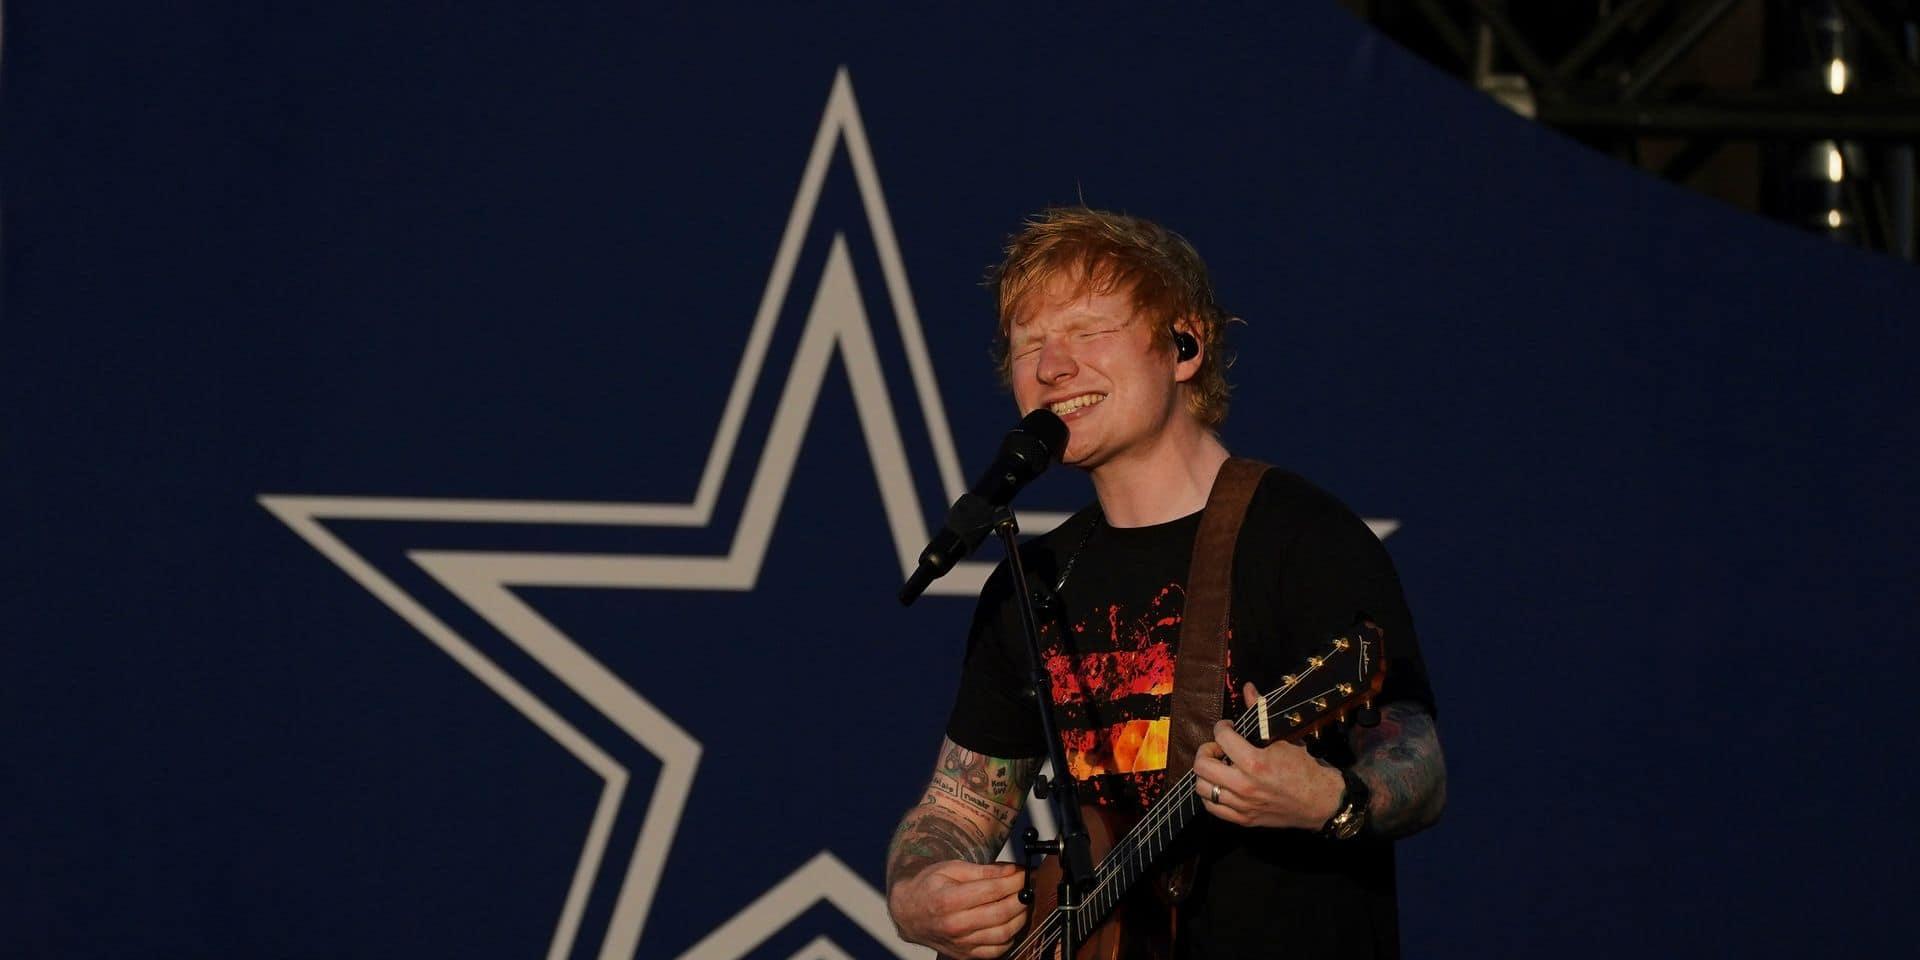 Une date de concert supplémentaire pour Ed Sheeran au stade Roi Baudouin en juillet 2022